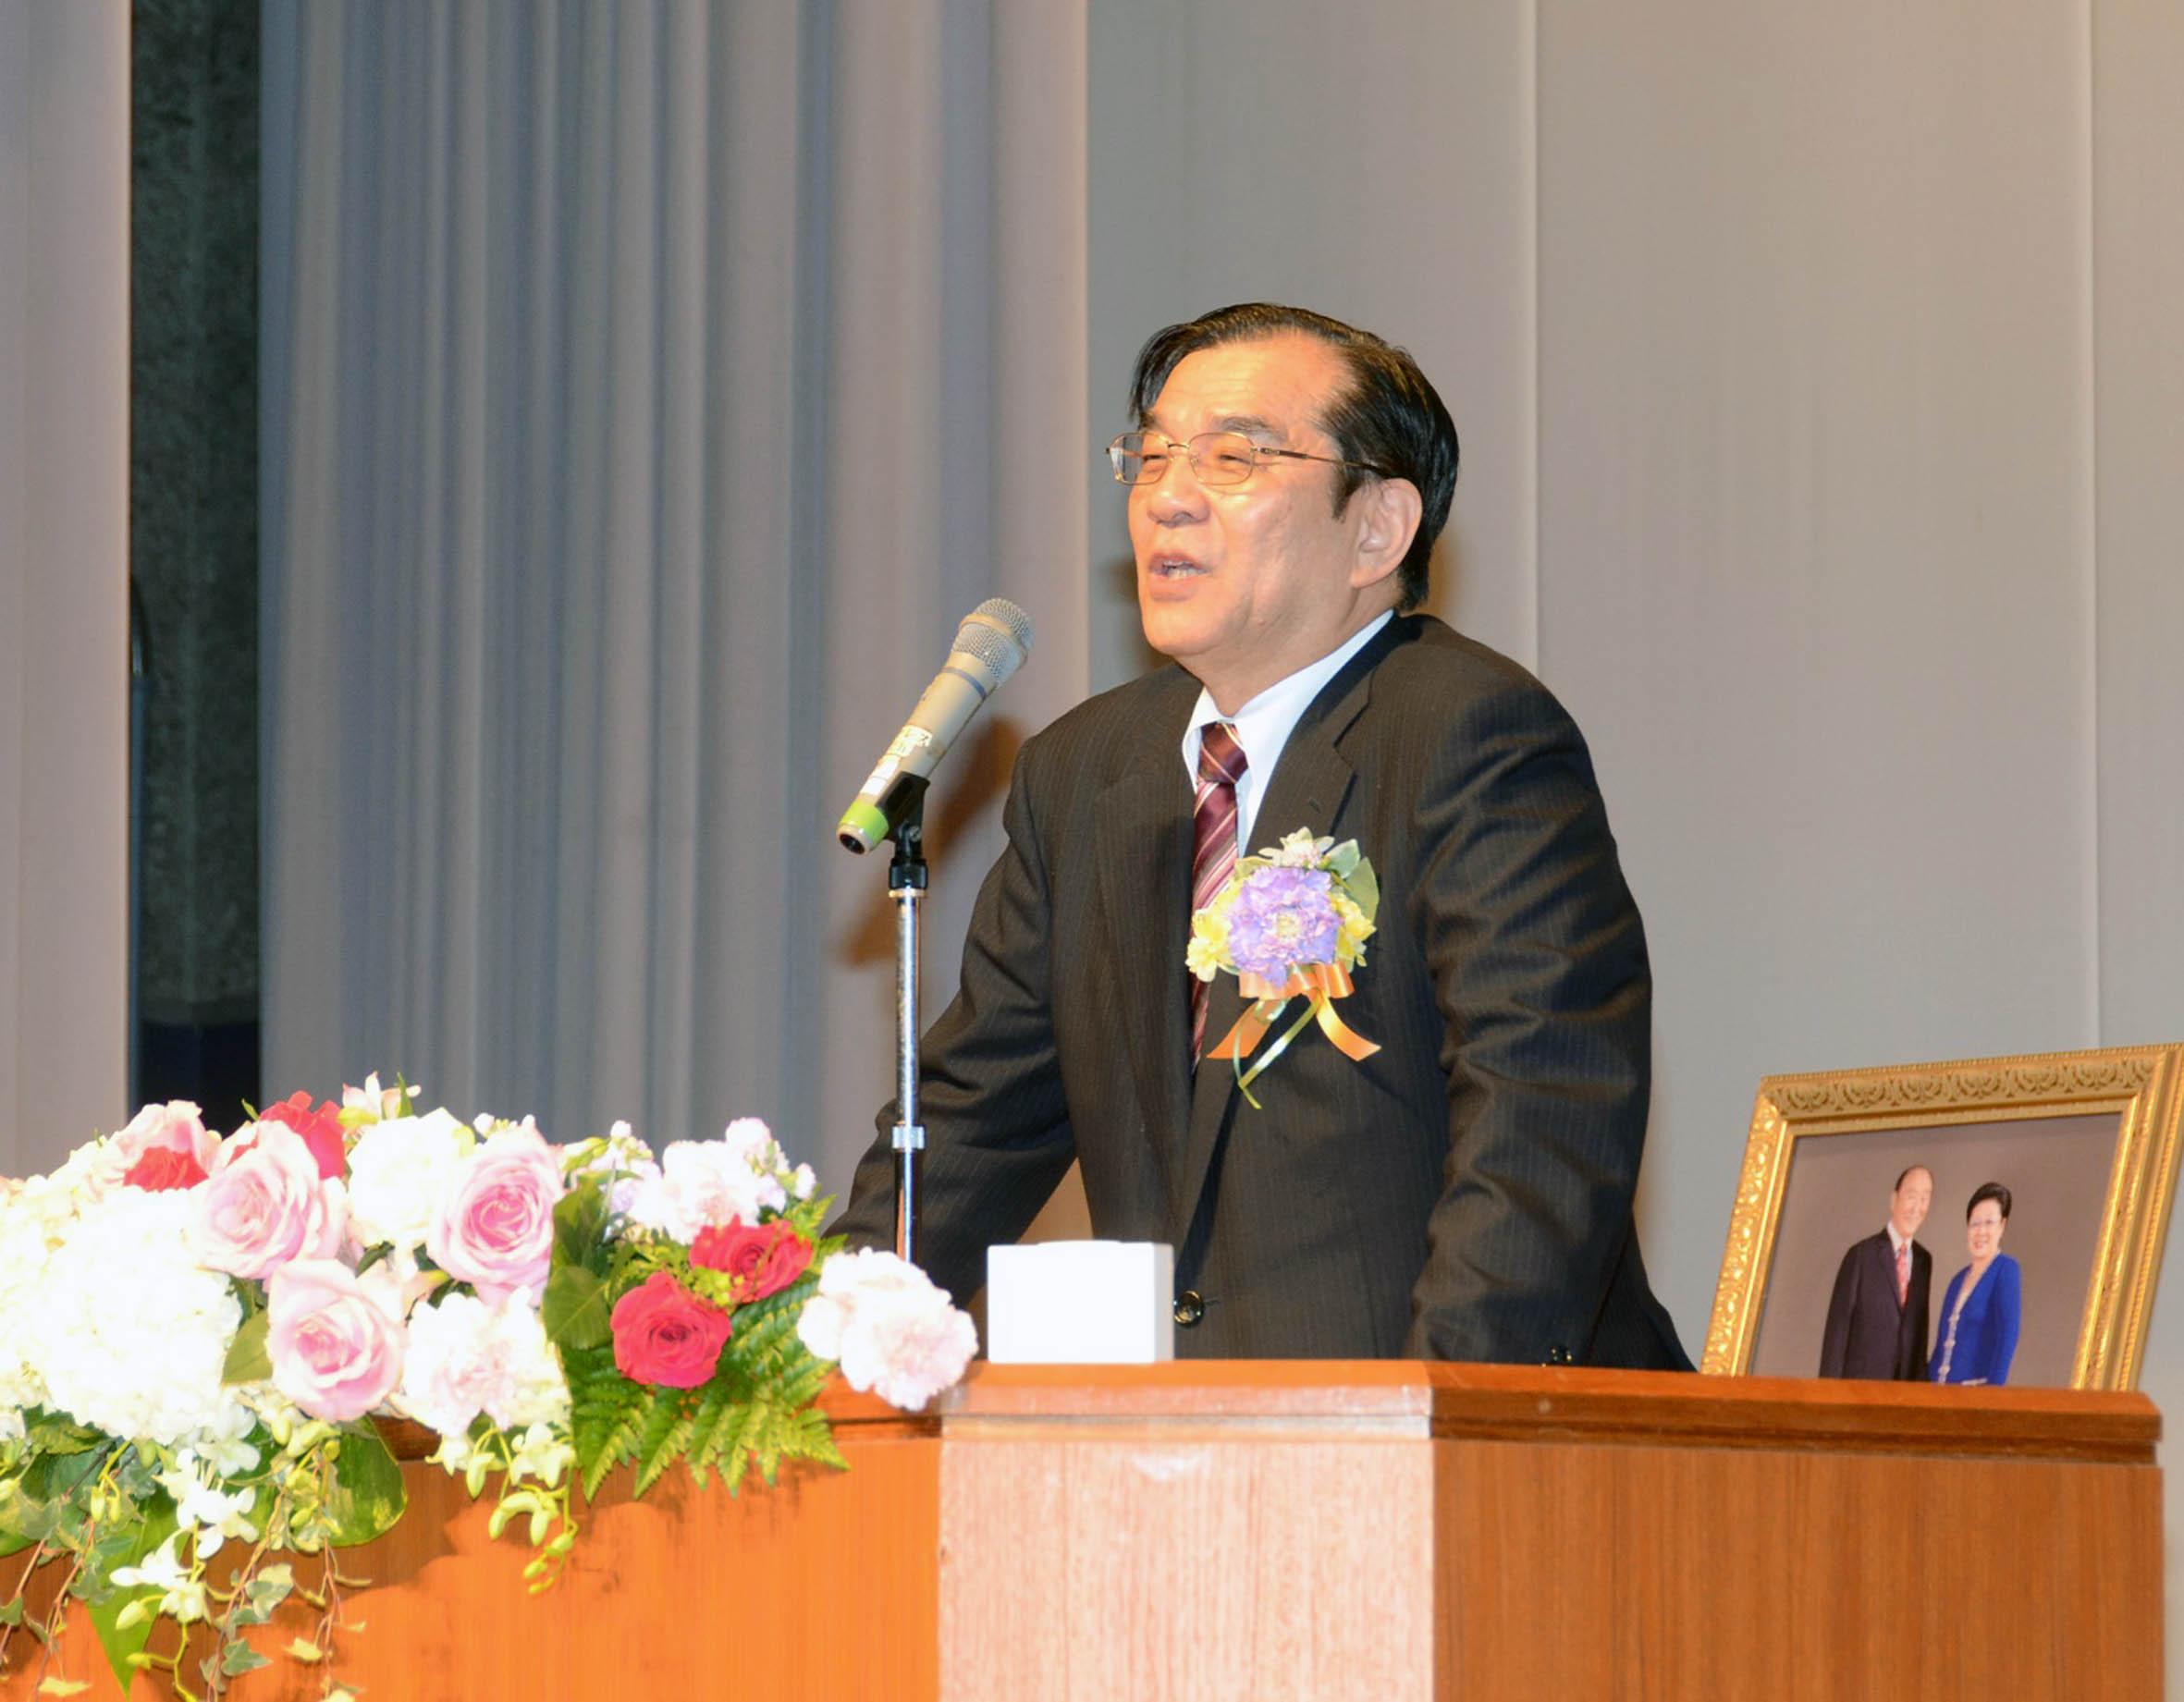 講演する浅川勇男先生|世界平和統一家庭連合 NEWS ONLINE